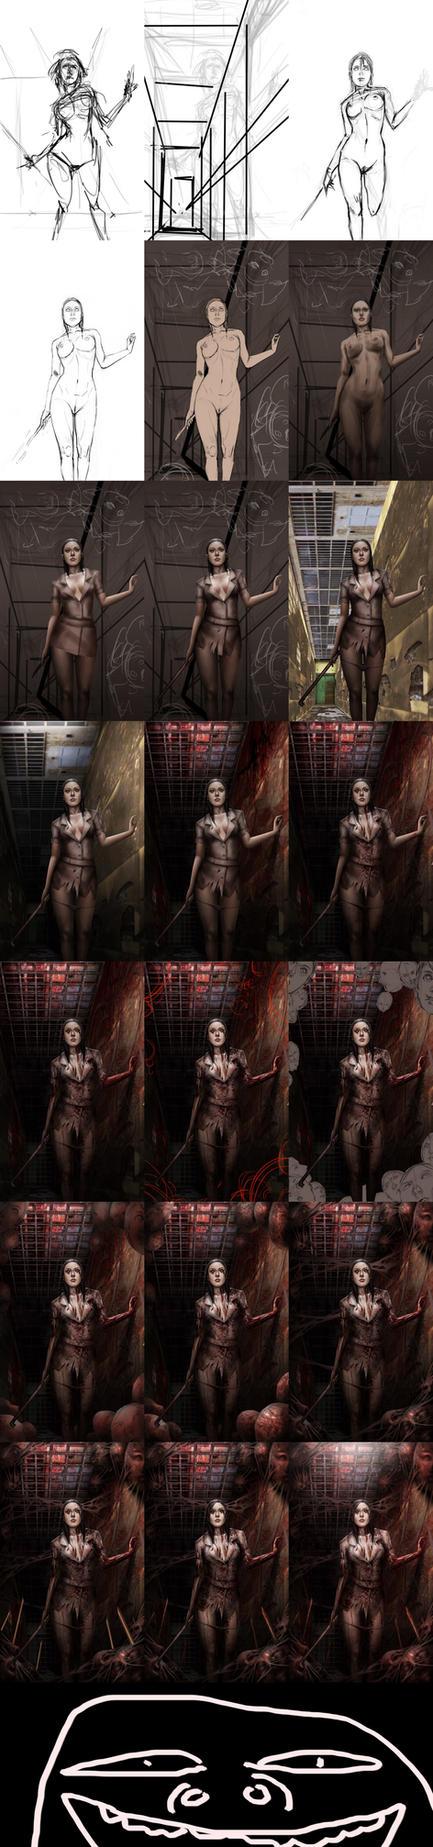 Silent Hill Fanart Process by tekkoontan